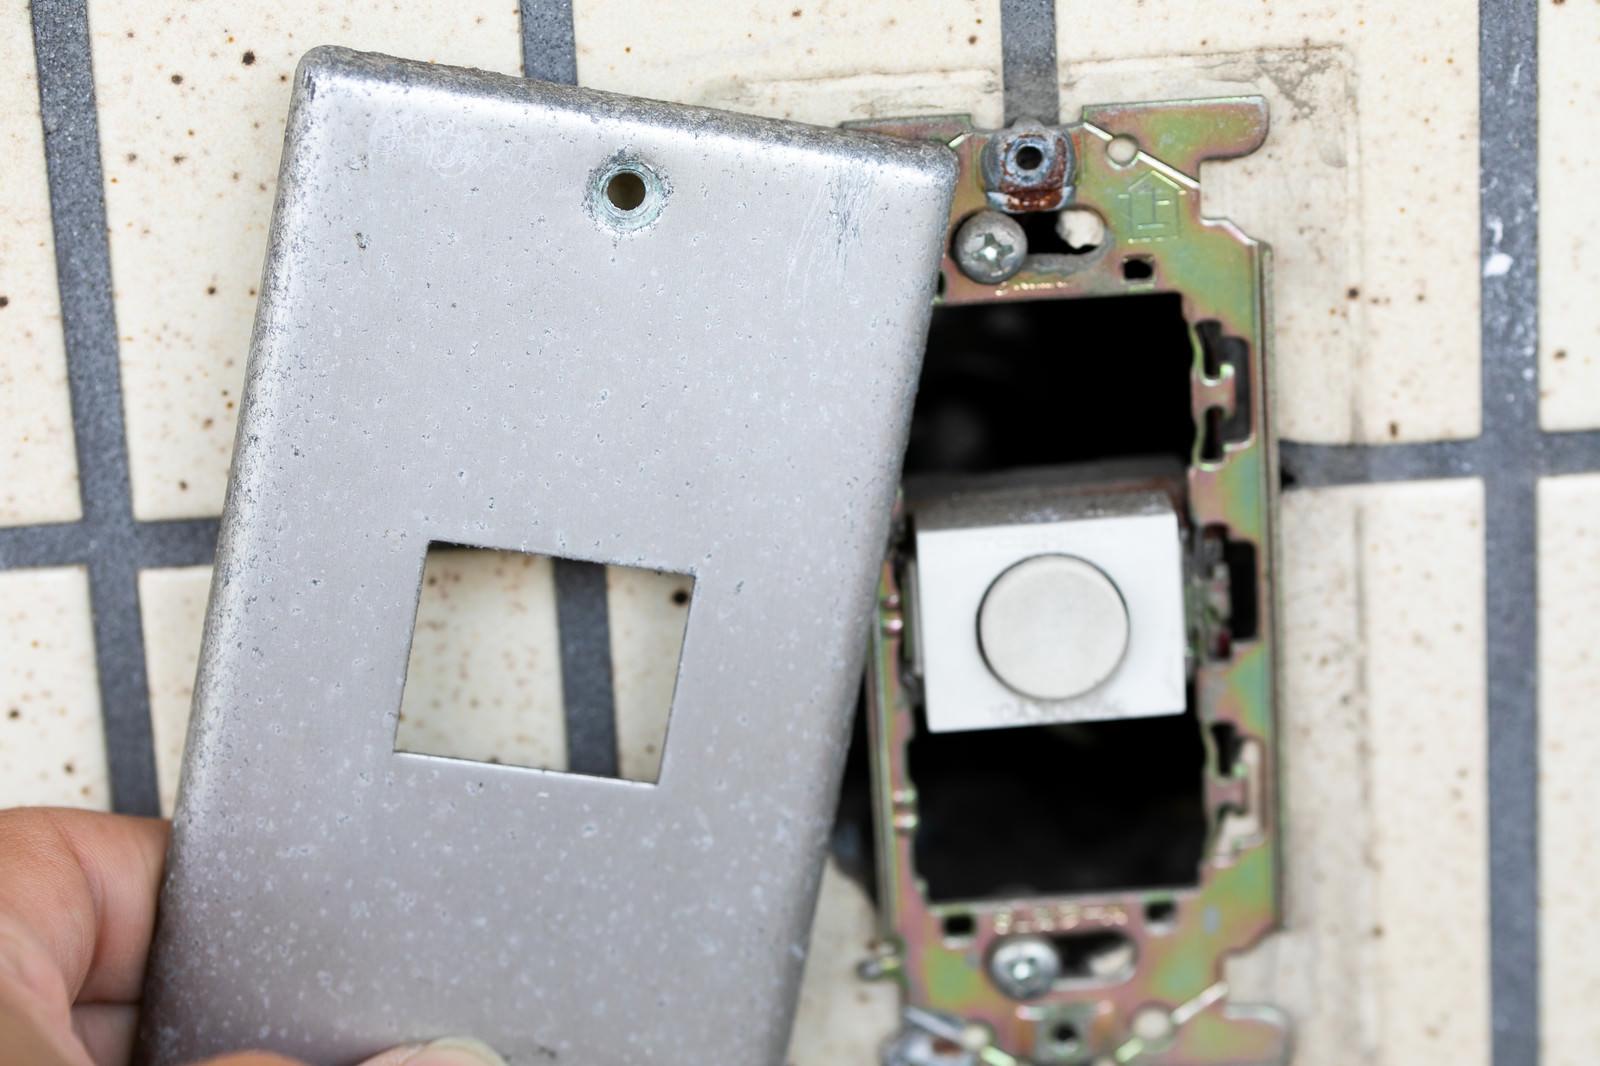 「アナログの玄関チャイムを取り外すアナログの玄関チャイムを取り外す」のフリー写真素材を拡大